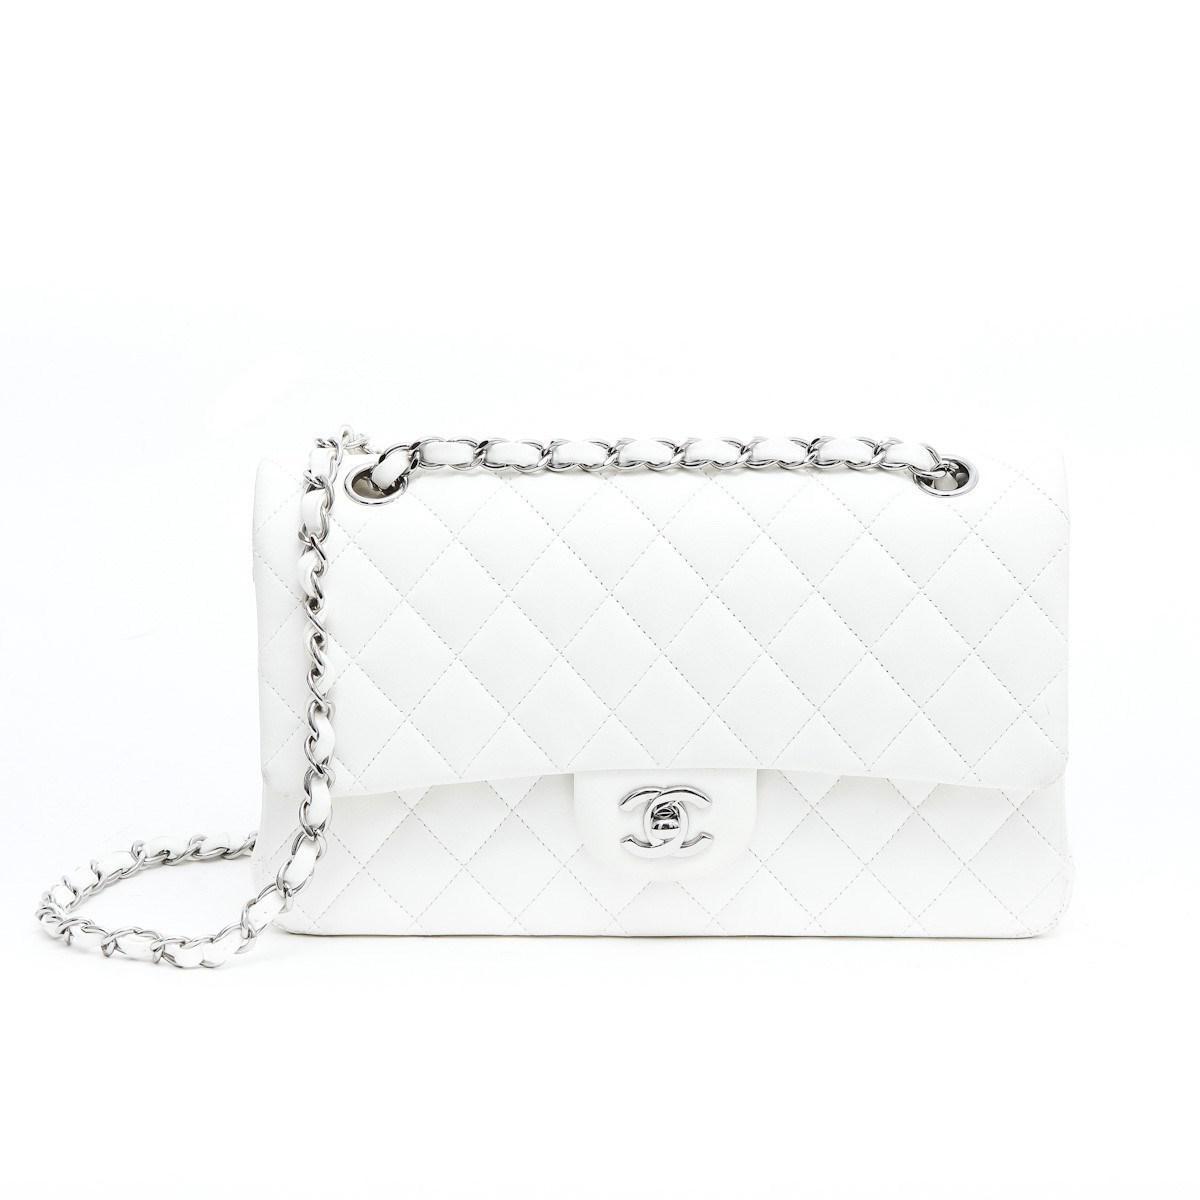 Lyst - Chanel Sac Timeless Cuir D agneau Blanc Matelassé   in White 47013a984c0